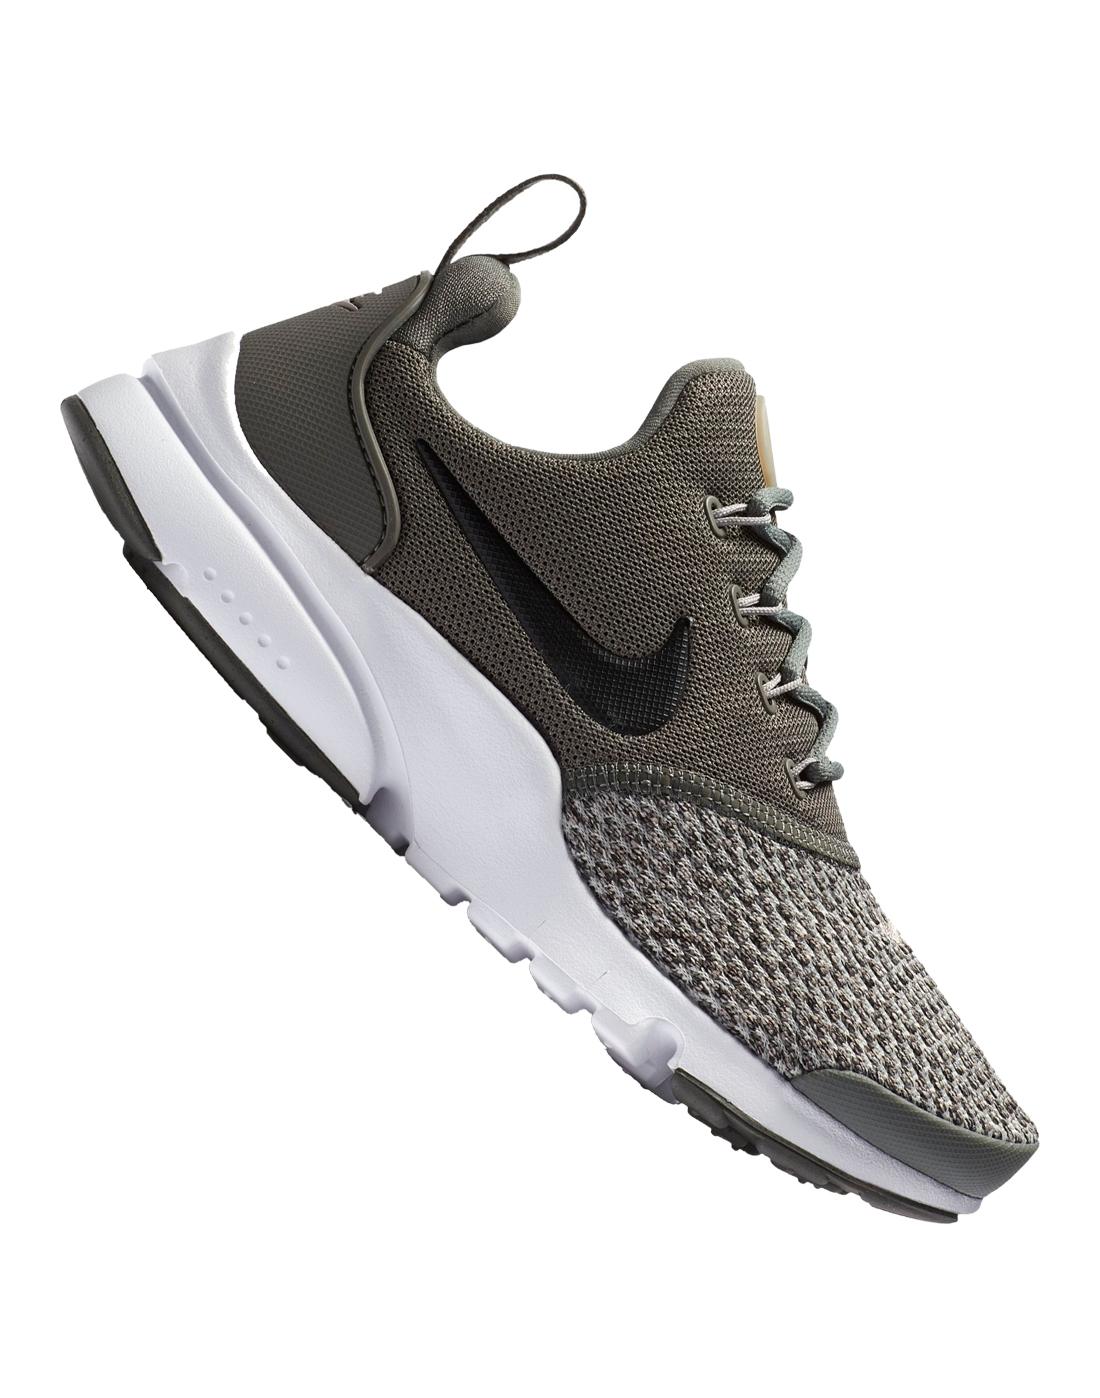 d4a4e2a52 Nike Older Kids Presto Fly SE | Life Style Sports